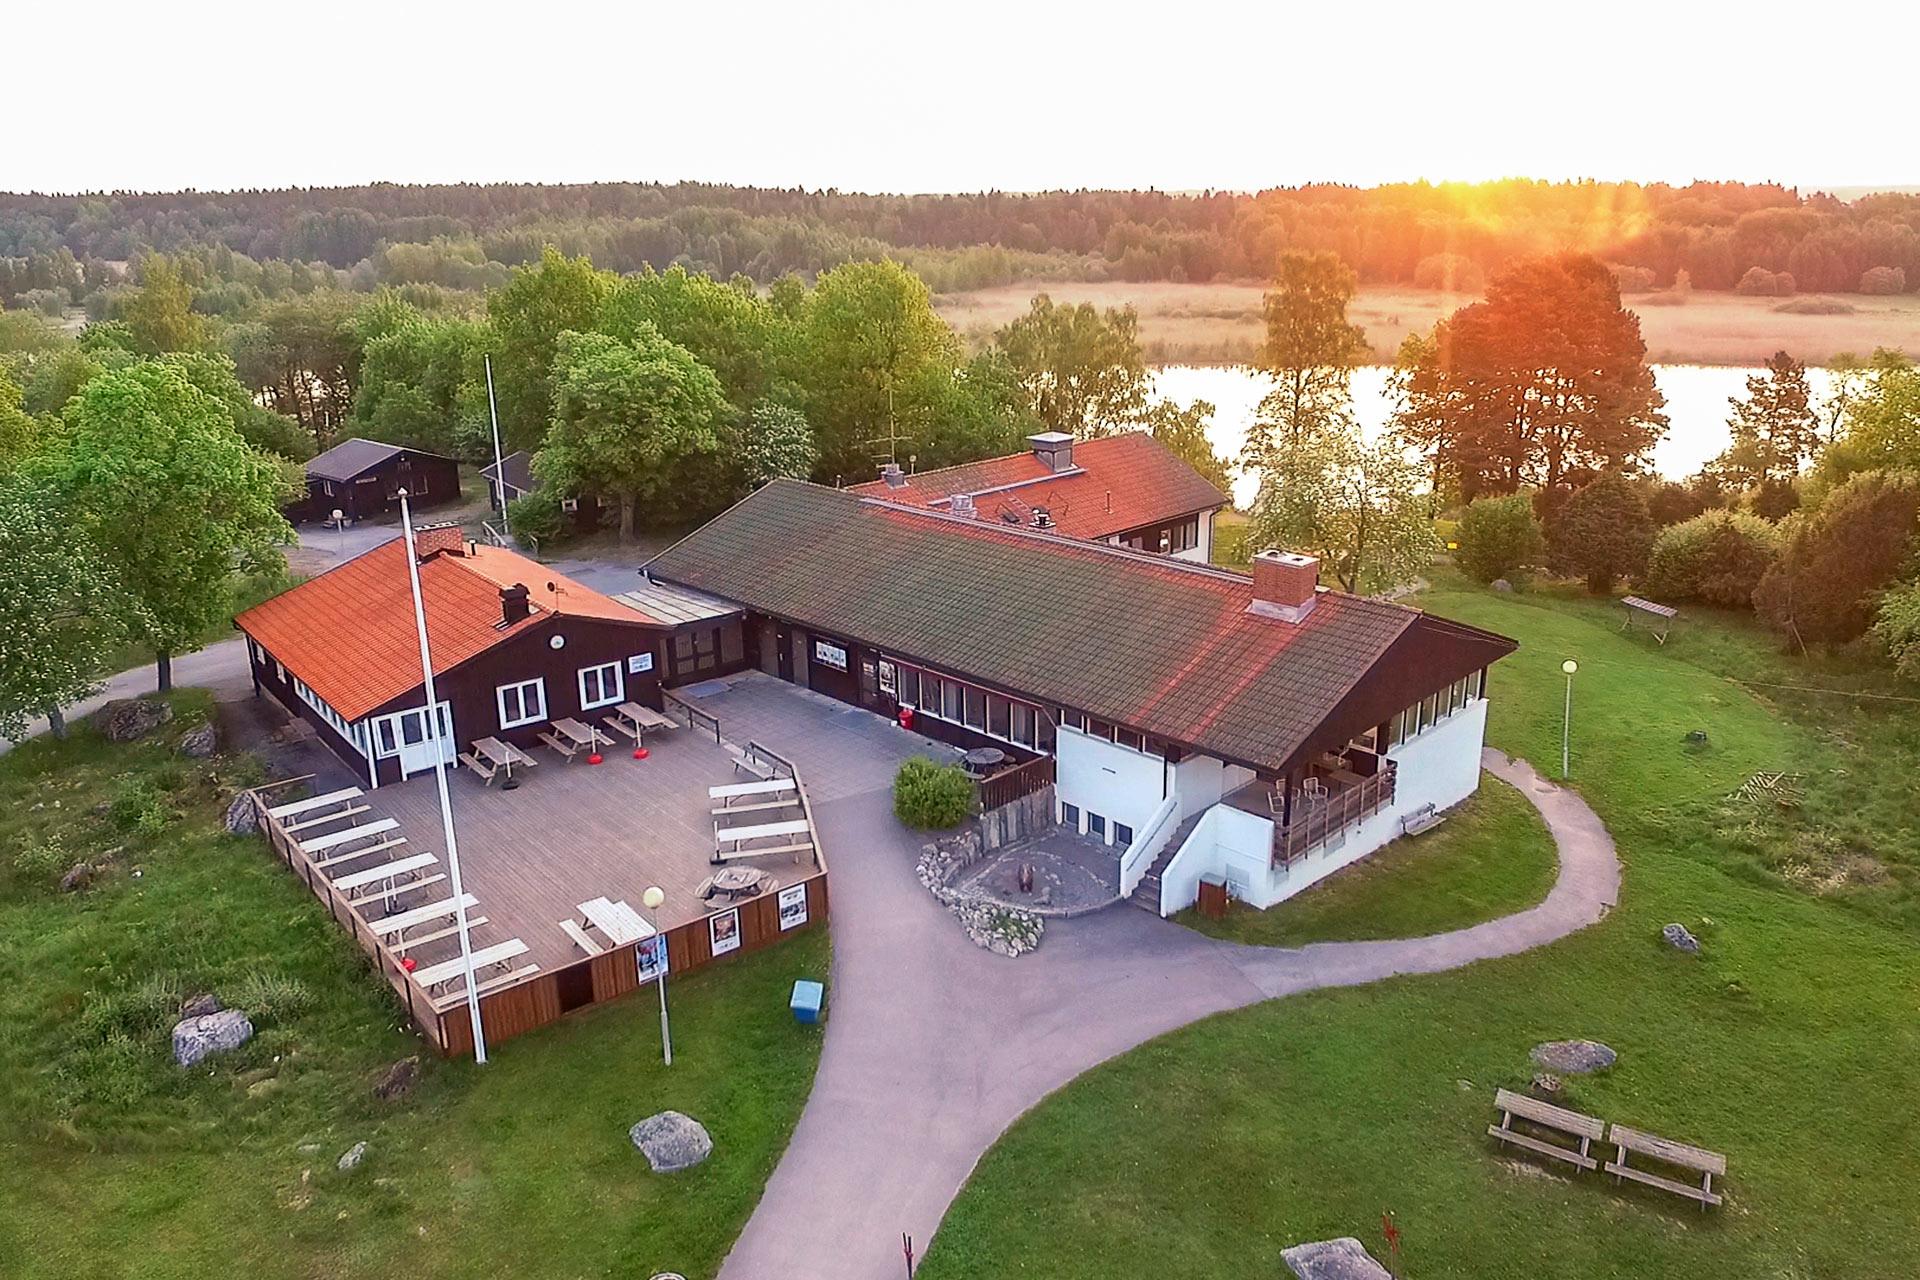 Björnögården på Björnö i Västerås en sommarkväll. Fotograf: Mia Björkström